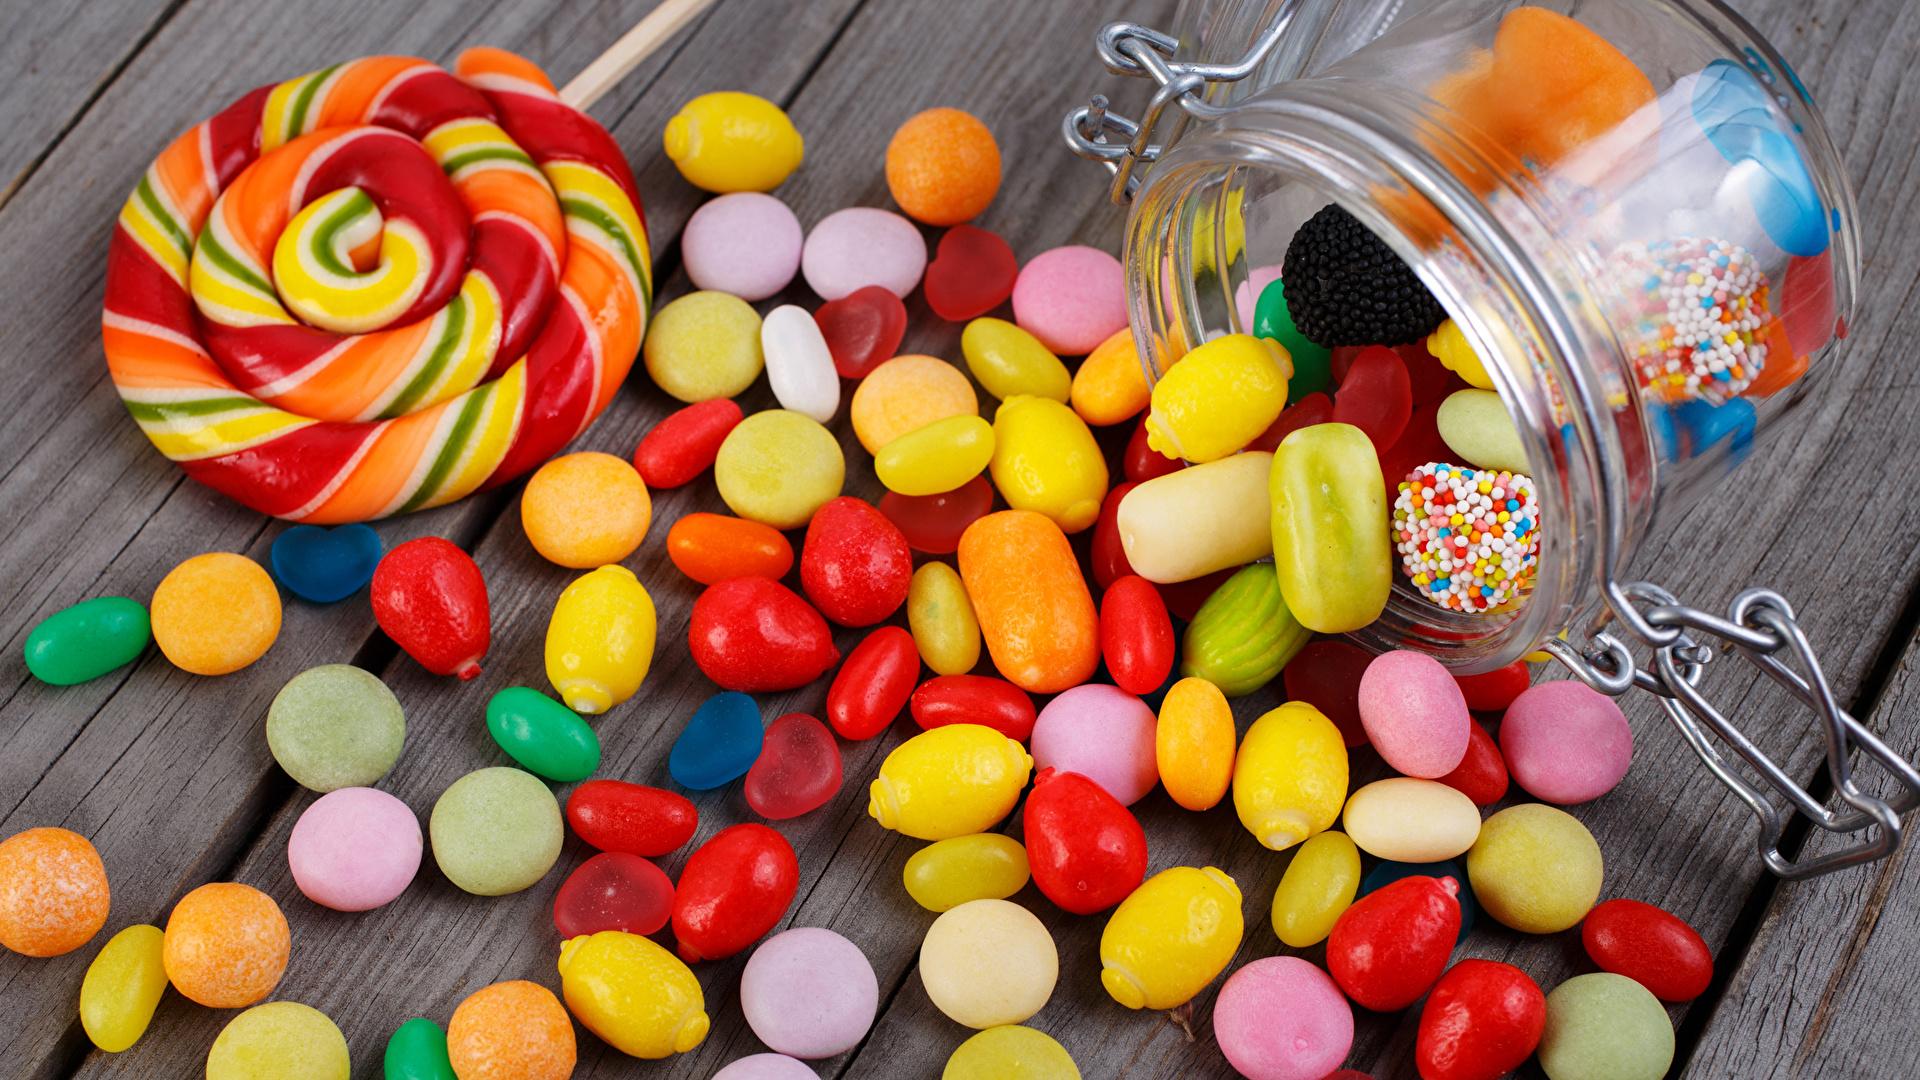 Картинка Леденцы Конфеты банки Еда Сладости Доски 1920x1080 Банка банке Пища Продукты питания сладкая еда